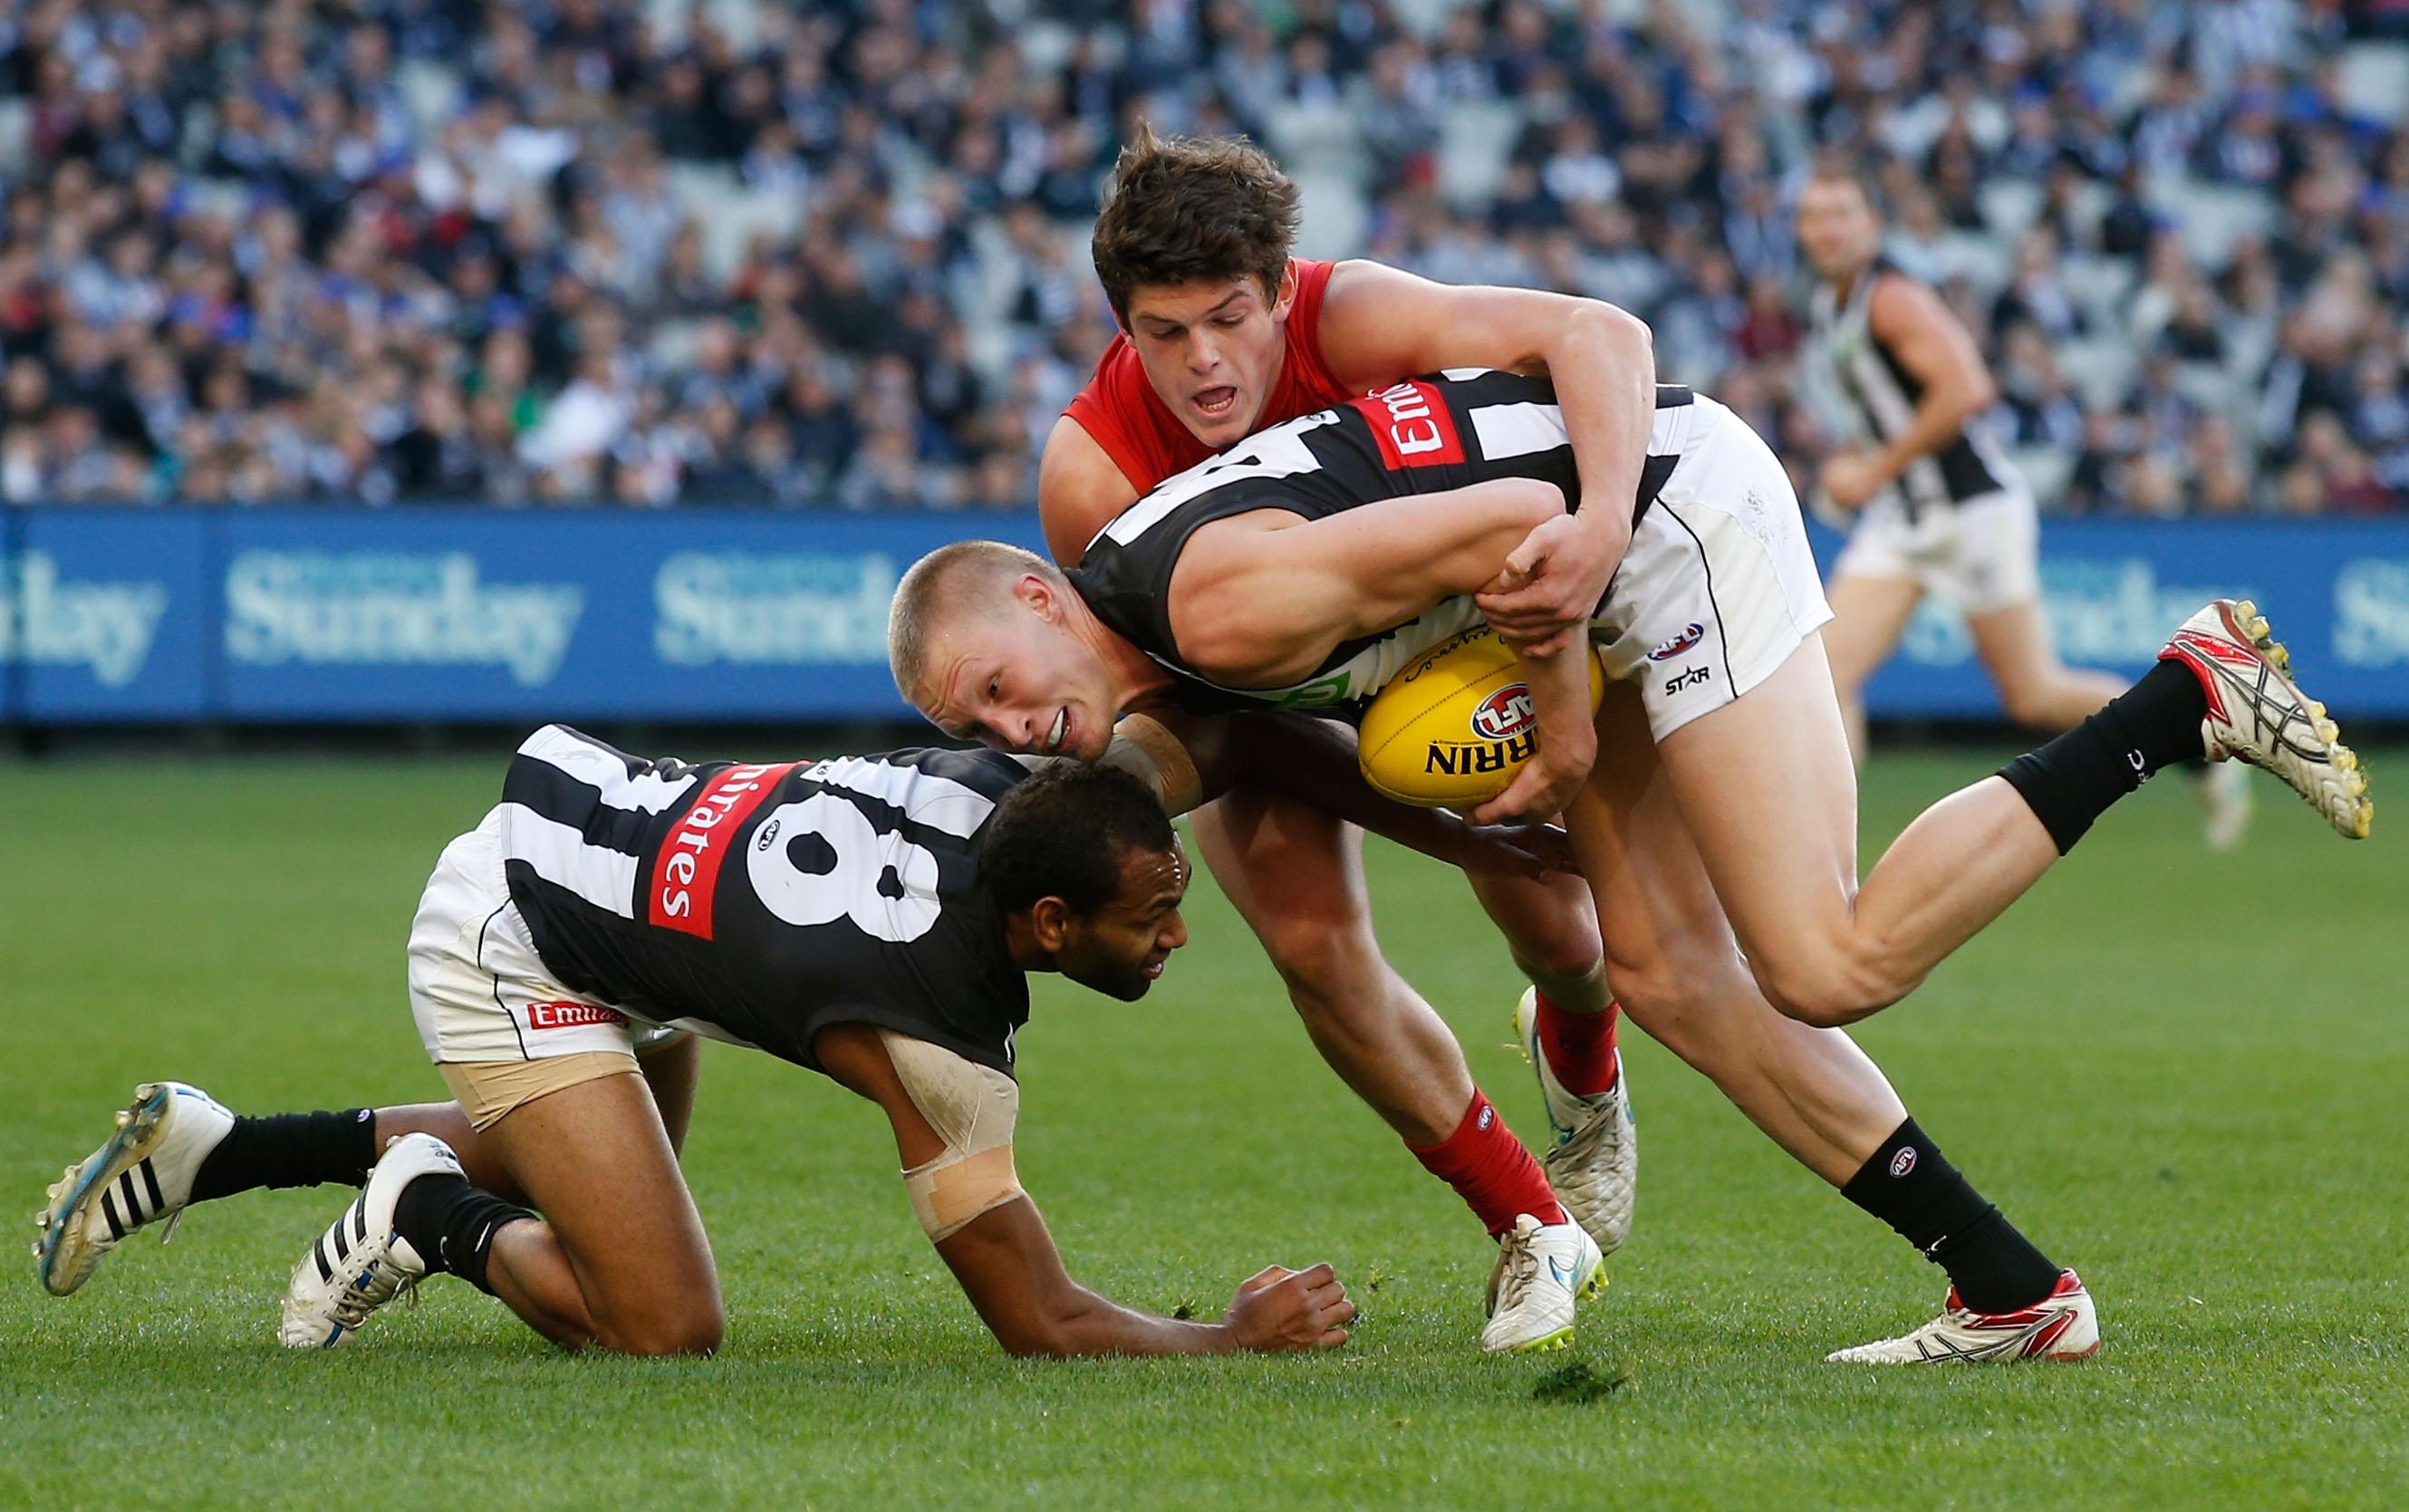 AFL 2015 Rd 10 - Melbourne v Collingwood